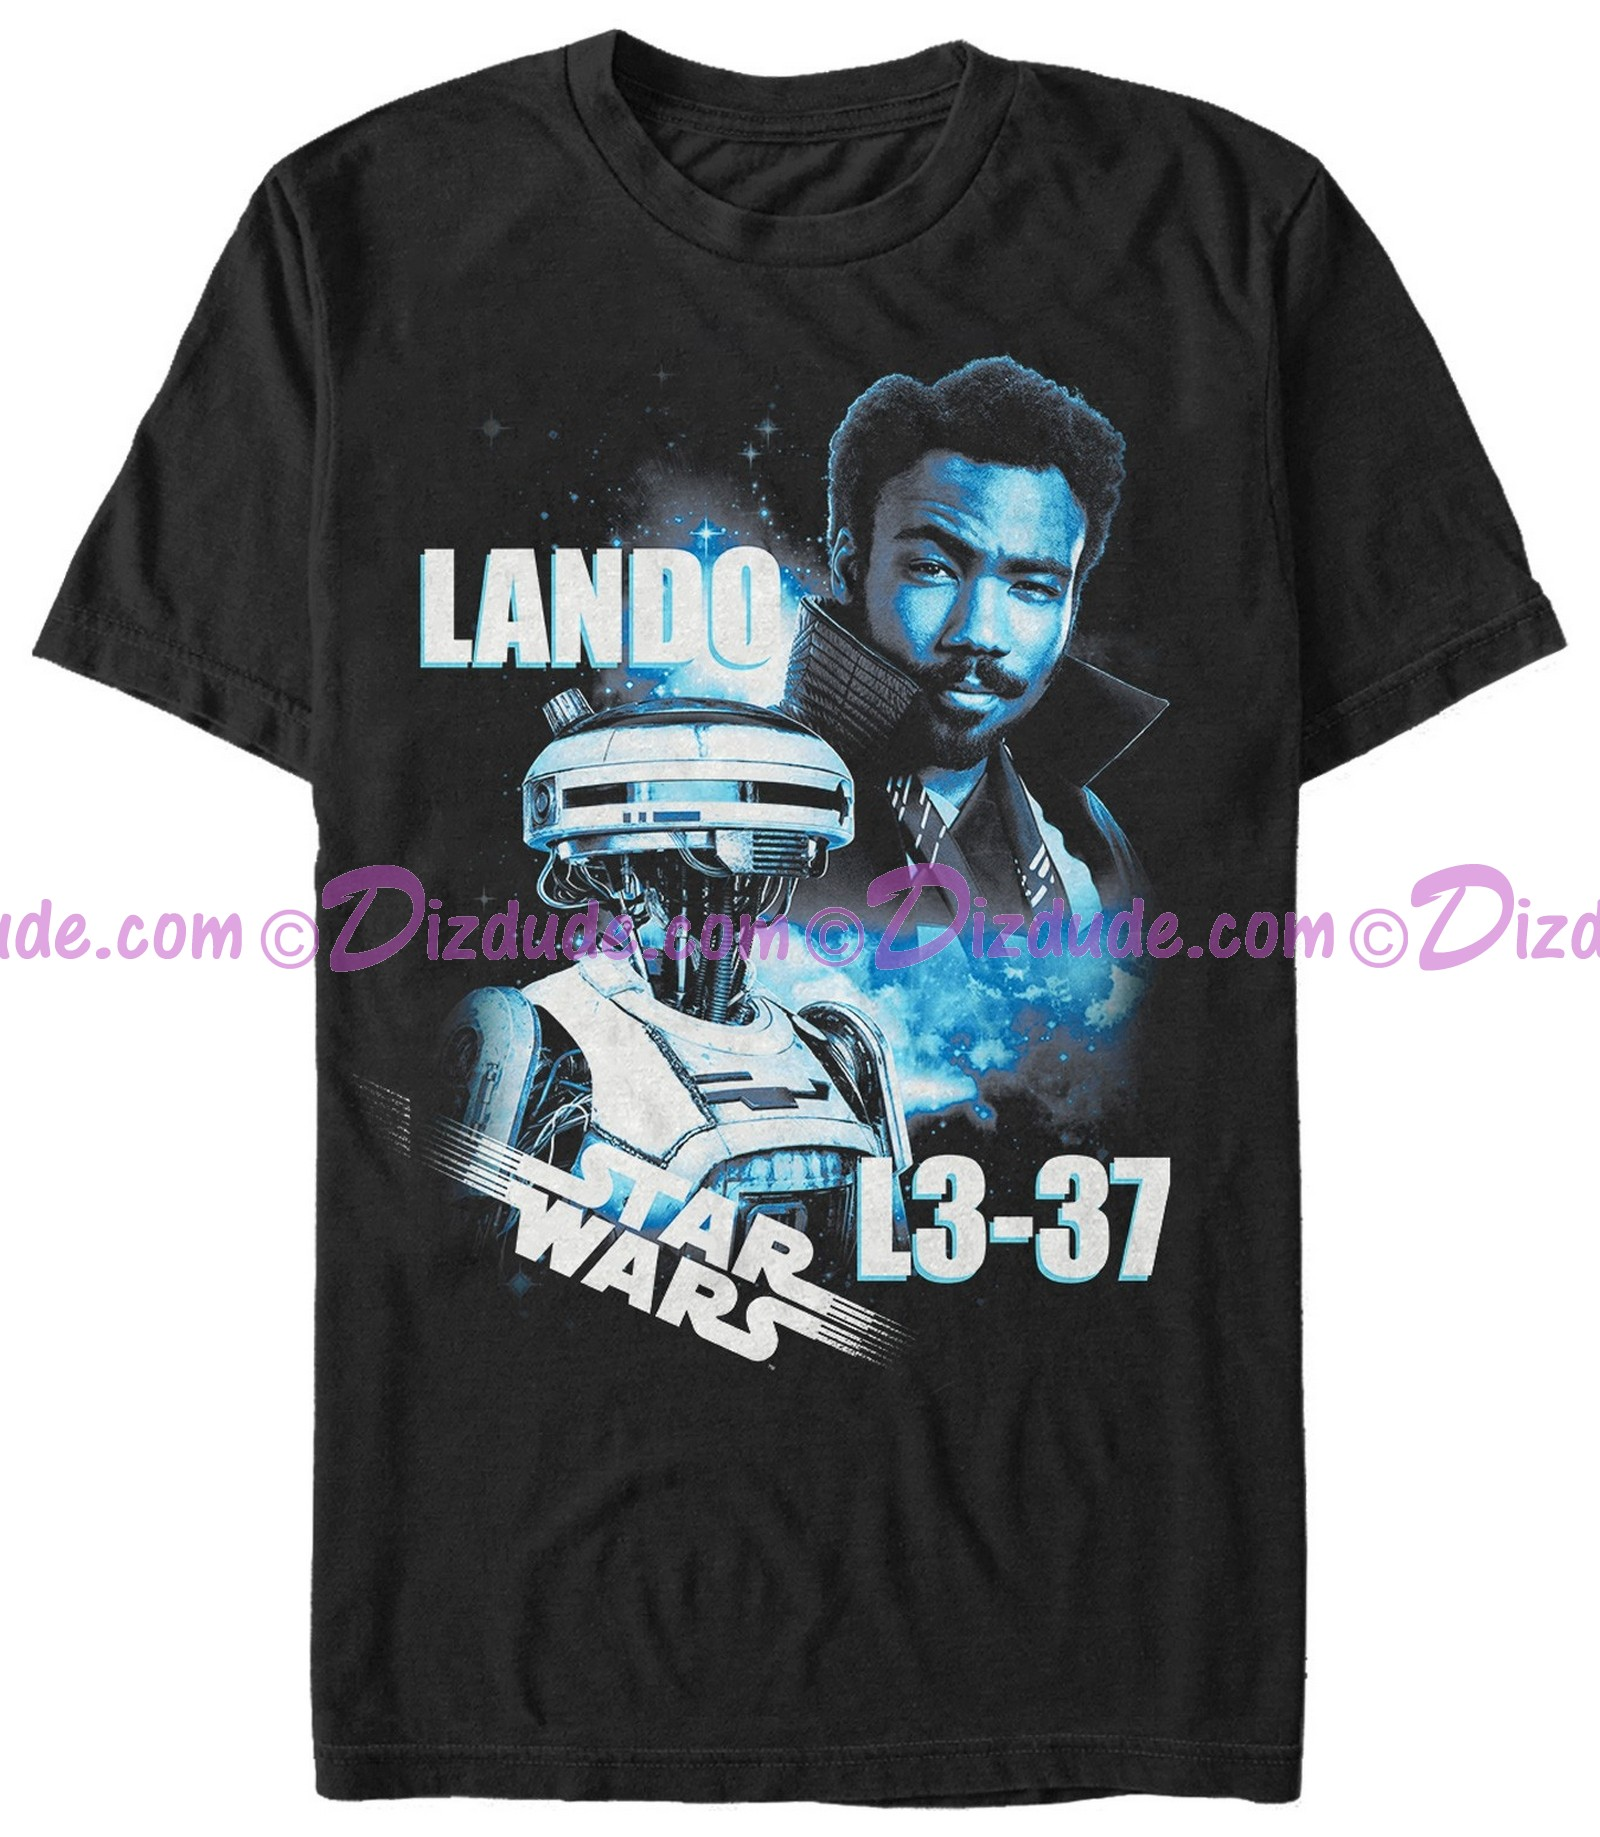 SOLO A Star Wars Story L3-37 & Lando Adult T-Shirt (Tshirt, T shirt or Tee)  © Dizdude.com